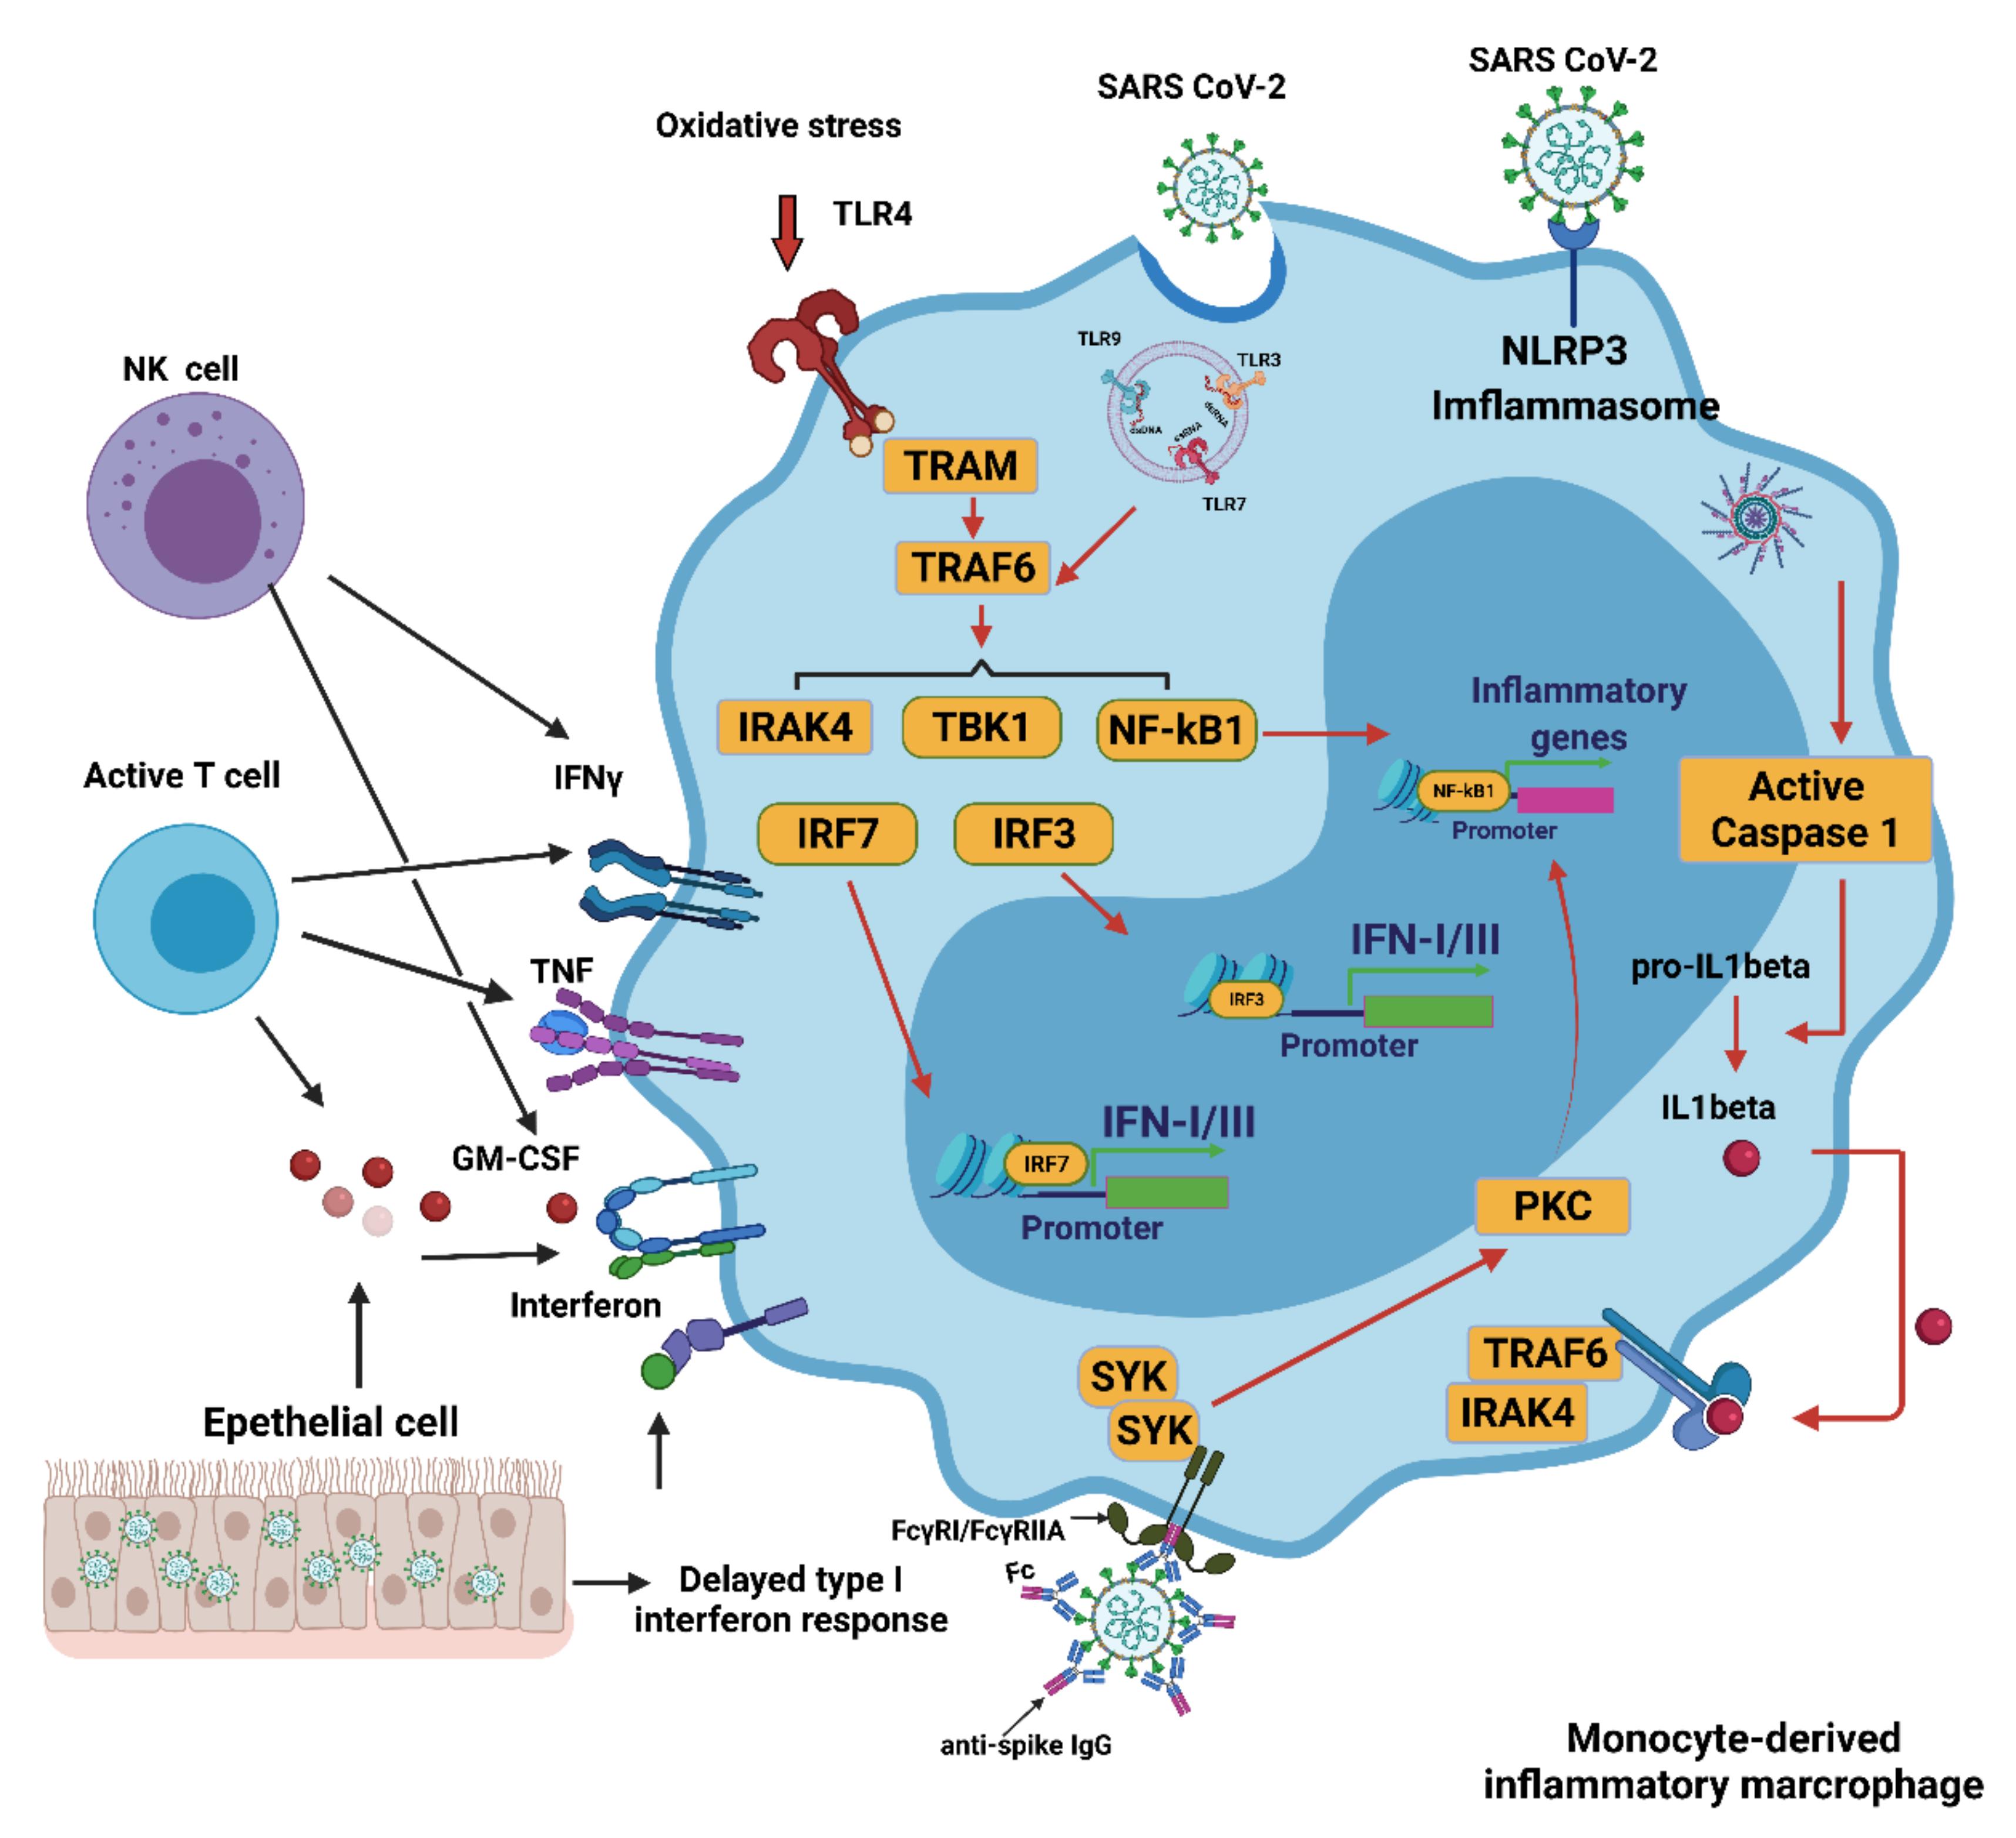 Рисунок 1. Активация макрофагов, происходящих из моноцитов, при C19. Несколько механизмов вызывают чрезмерную активацию моноцитов / макрофагов во время инфекции SC0V2. Задержка выработки IFN I приводит к продолжающемуся привлечению циркулирующих моноцитов в паренхиму легких. Активированные NK- и Т-клетки также способствуют инфильтрации клеток, происходящих из моноцитов. Обнаружение вируса может вызвать активацию TLR7 в результате распознавания вирусной одноцепочечной РНК. IFN I увеличивает экспрессию рецептора входа SC0V2 ACE2, позволяя вирусу проникать в макрофаги и активировать цитоплазматическое воспаление через NLRP3. Комбинация иммунного комплекса, содержащего антиспайковый белок IgG, с рецептором Fcγ (FcγR) на активированных макрофагах дополнительно способствует аберрантному проникновению вируса и вызывает воспалительный каскад. CCL: CC-хемокиновый лиганд; CXCL10: CXC-хемокиновый лиганд 10; ISG: ген, стимулированный интерфероном; ITAM: мотив активации иммунного 06-рецептора тирозина; TRAM: связанная с TRIF адаптерная молекула; Н.К., натуральный убийца.